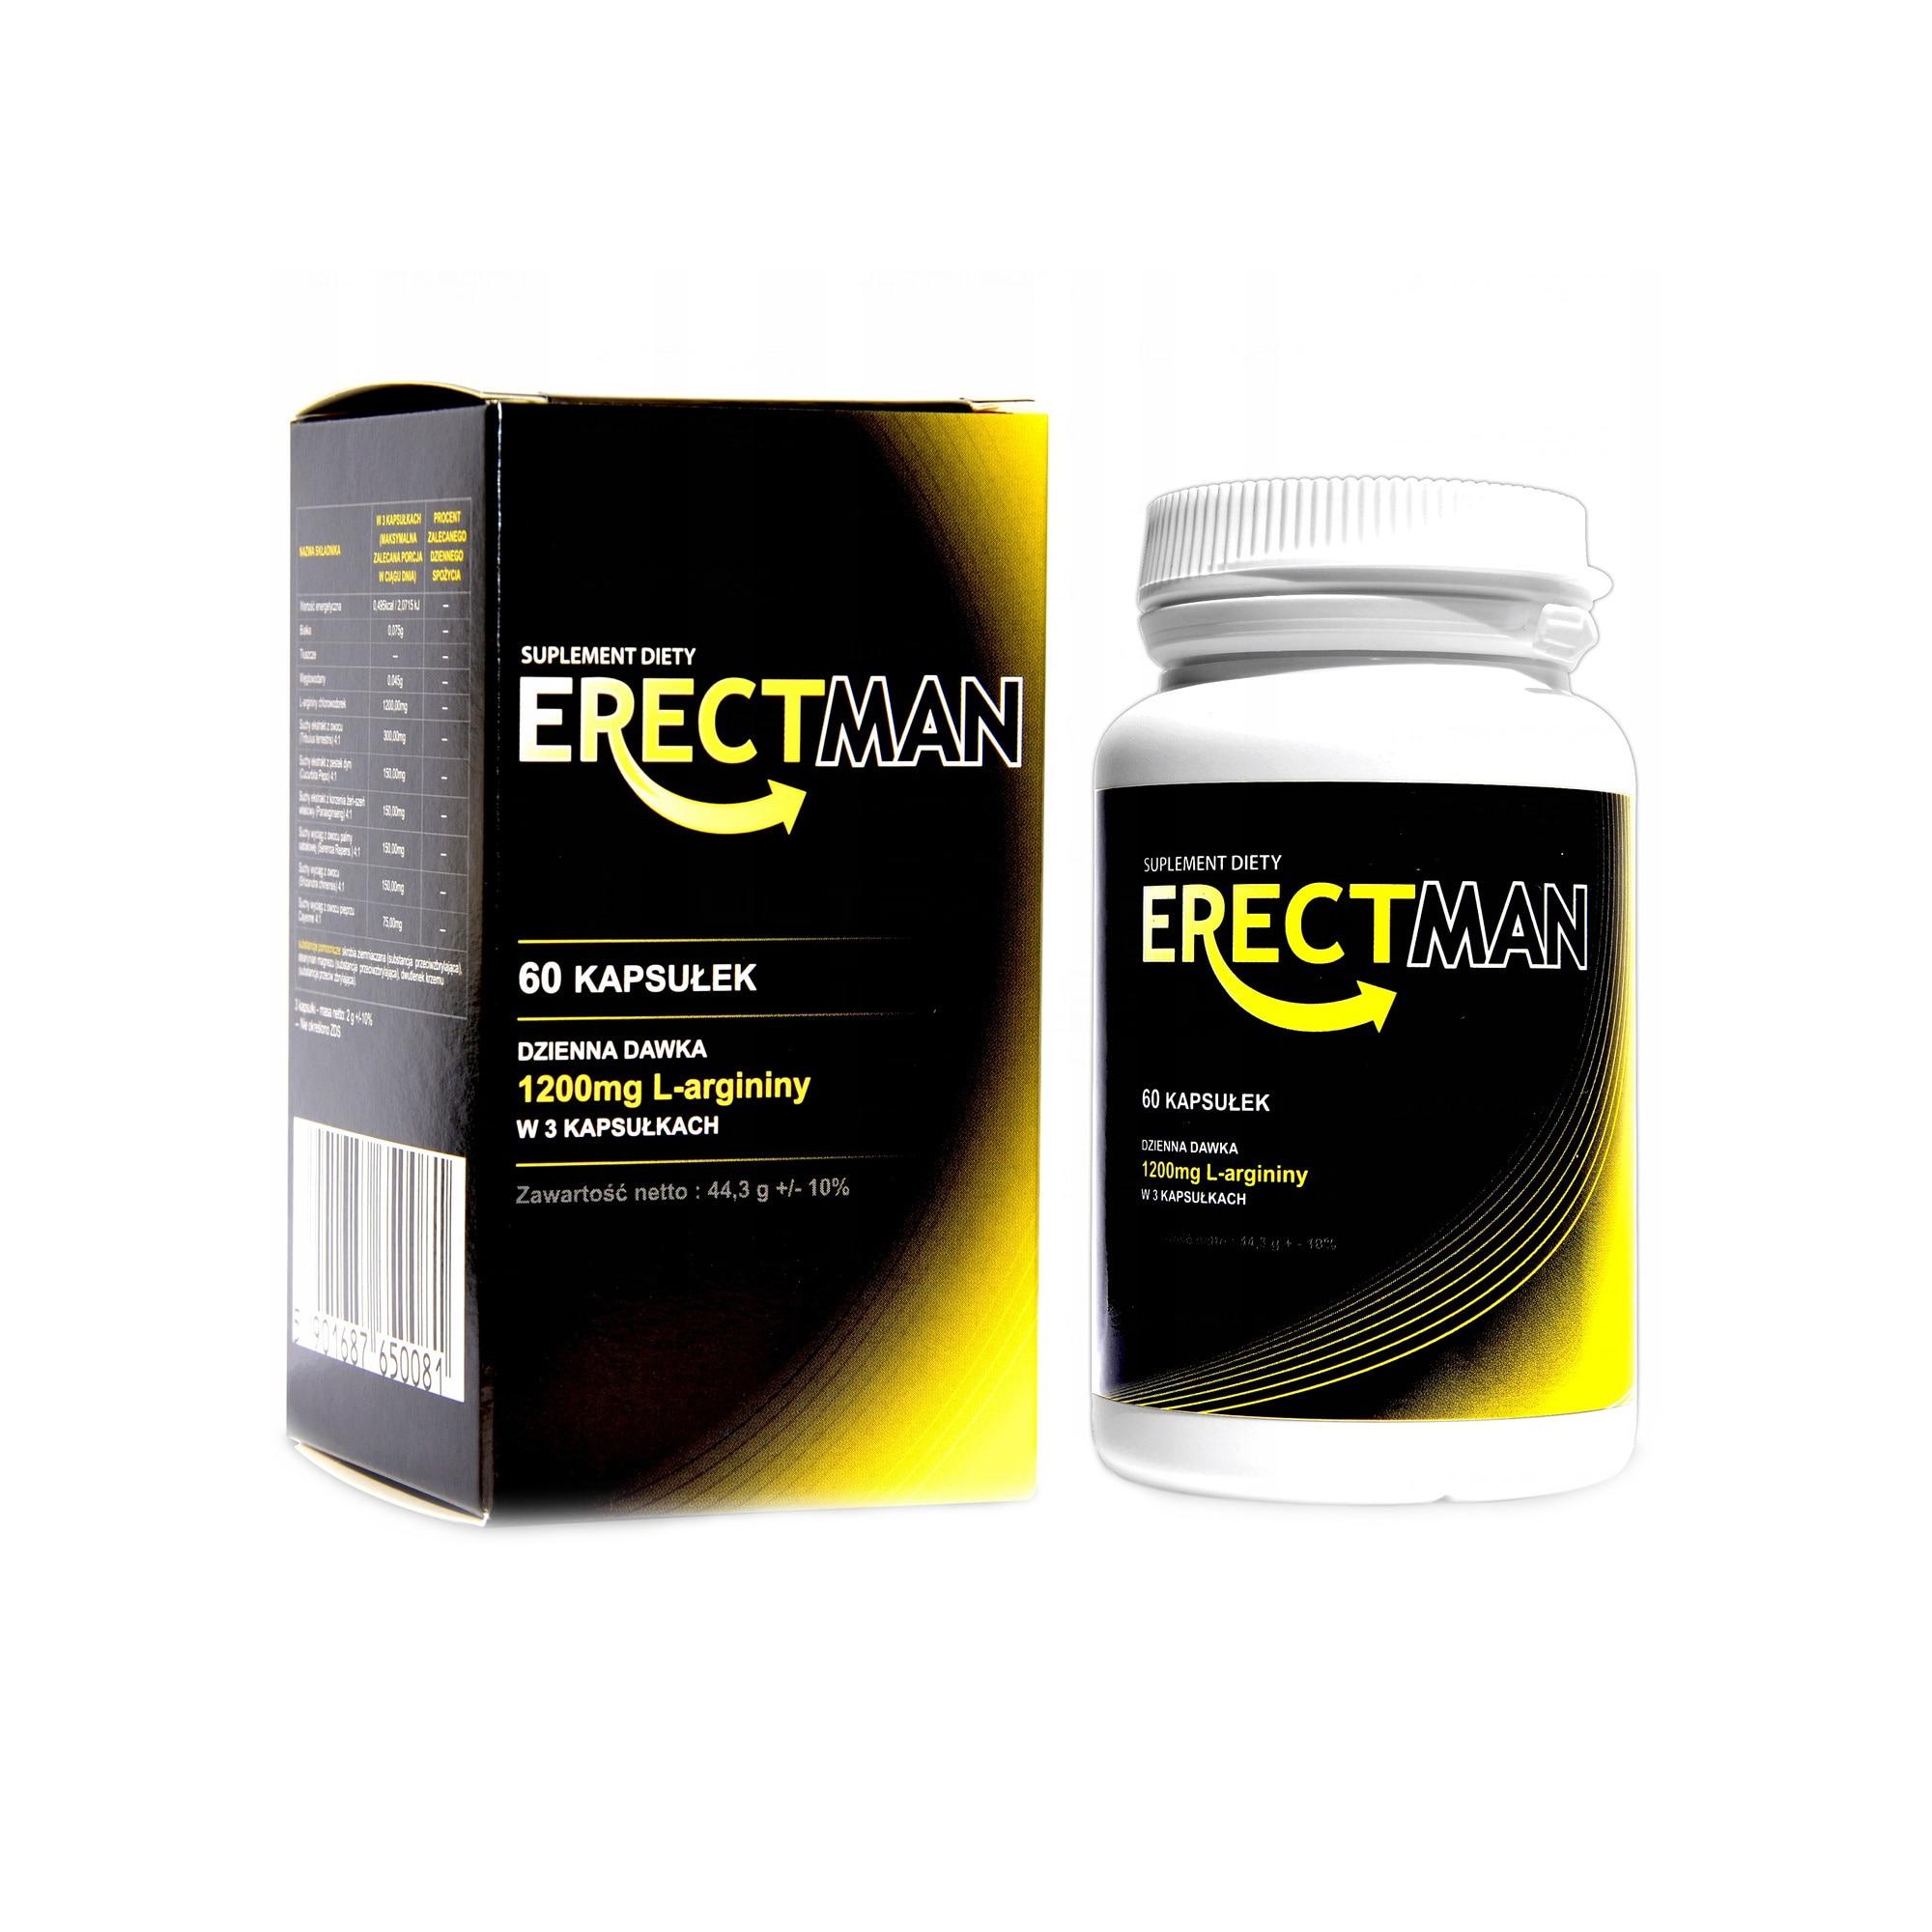 produse utile pentru erecția masculină)